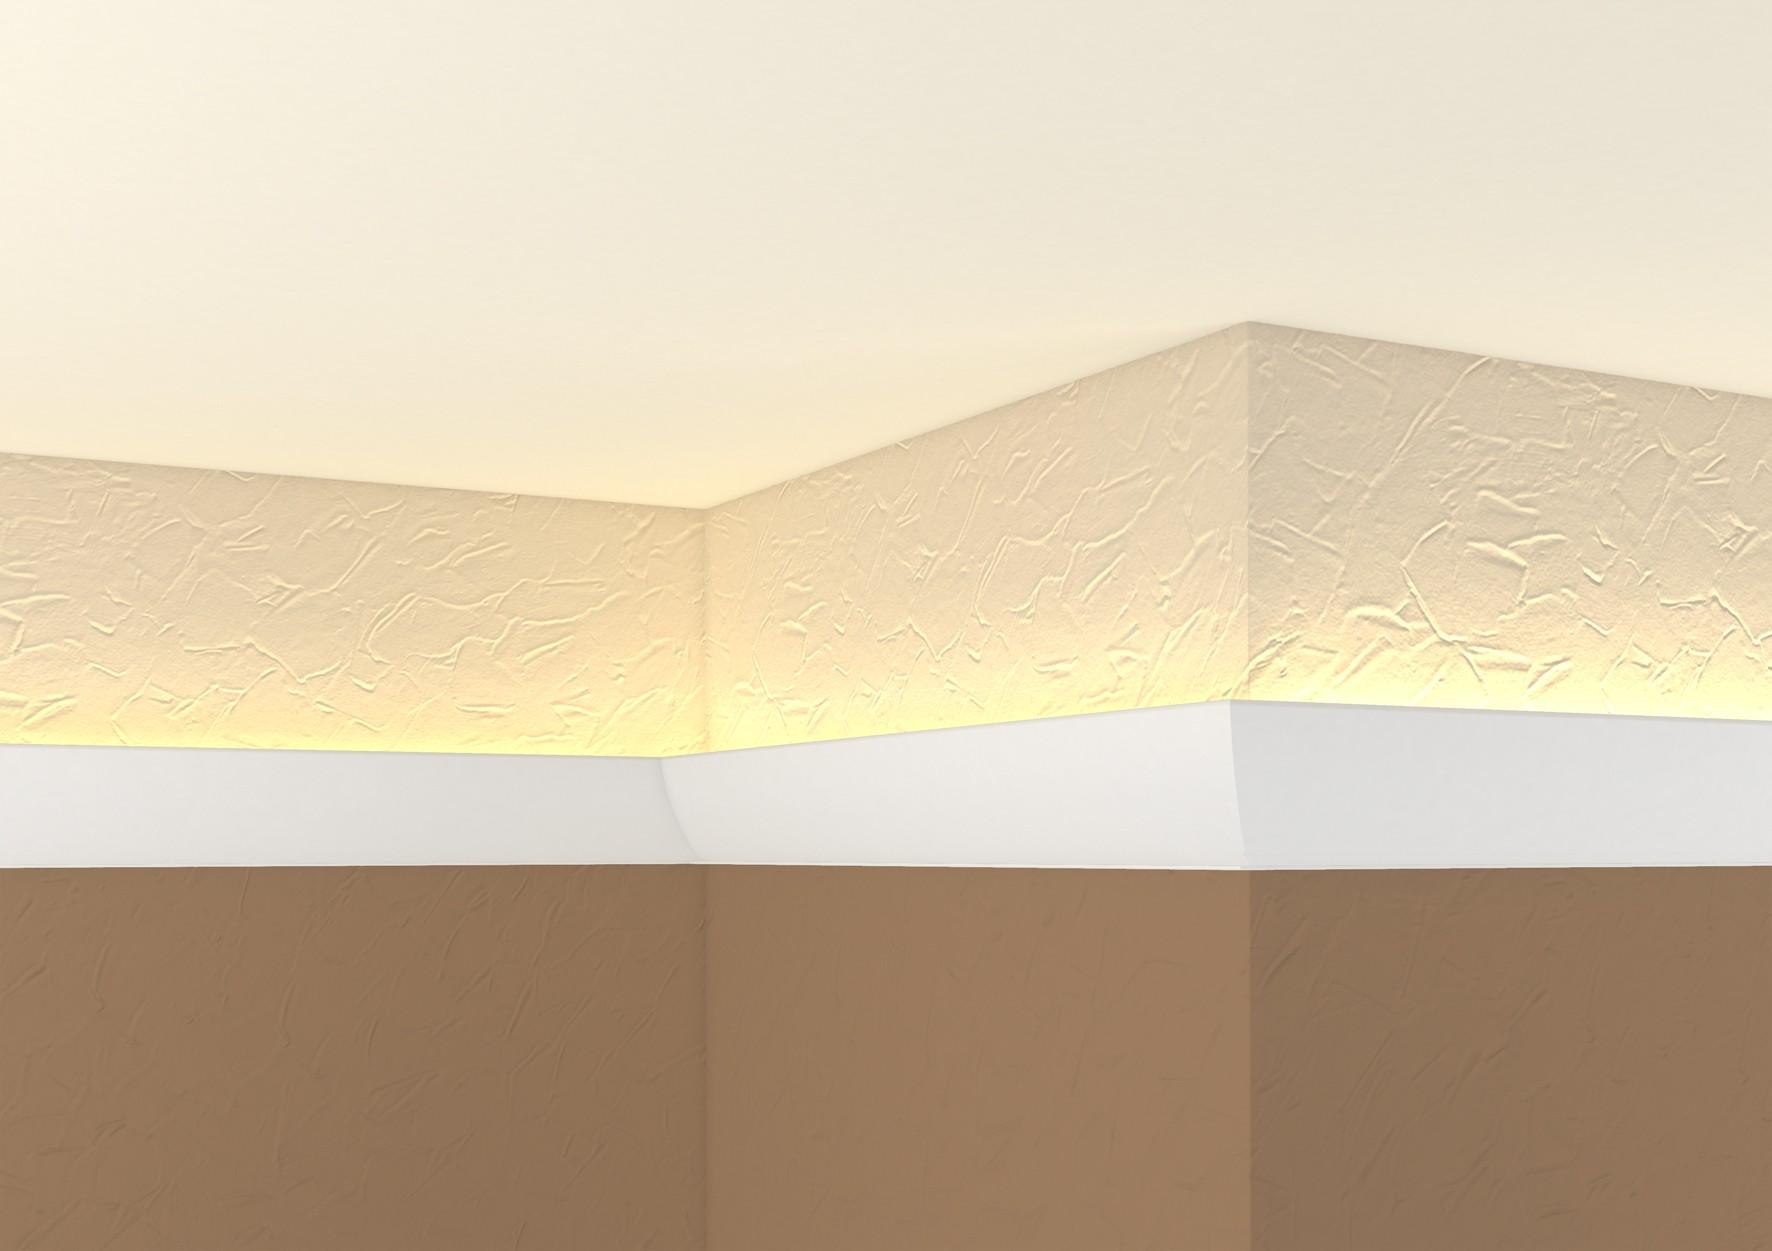 Corniche Polystyrène Pour Led moulures pour ruban l.e.d g 35, 2 mètres - decorer-isoler.fr